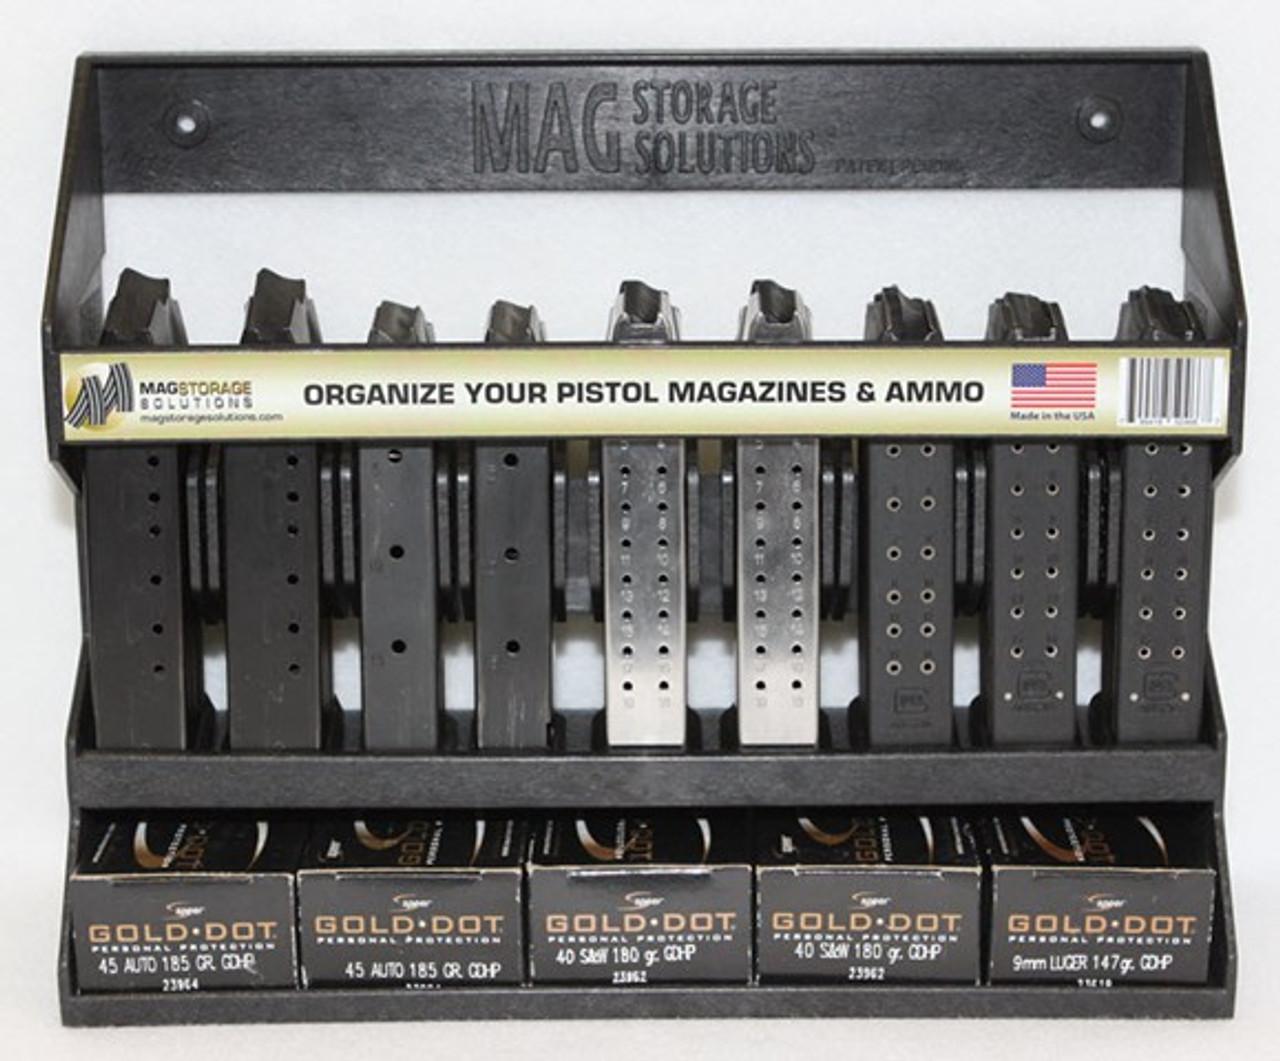 ... MagStorage Magazine Storage Solution ...